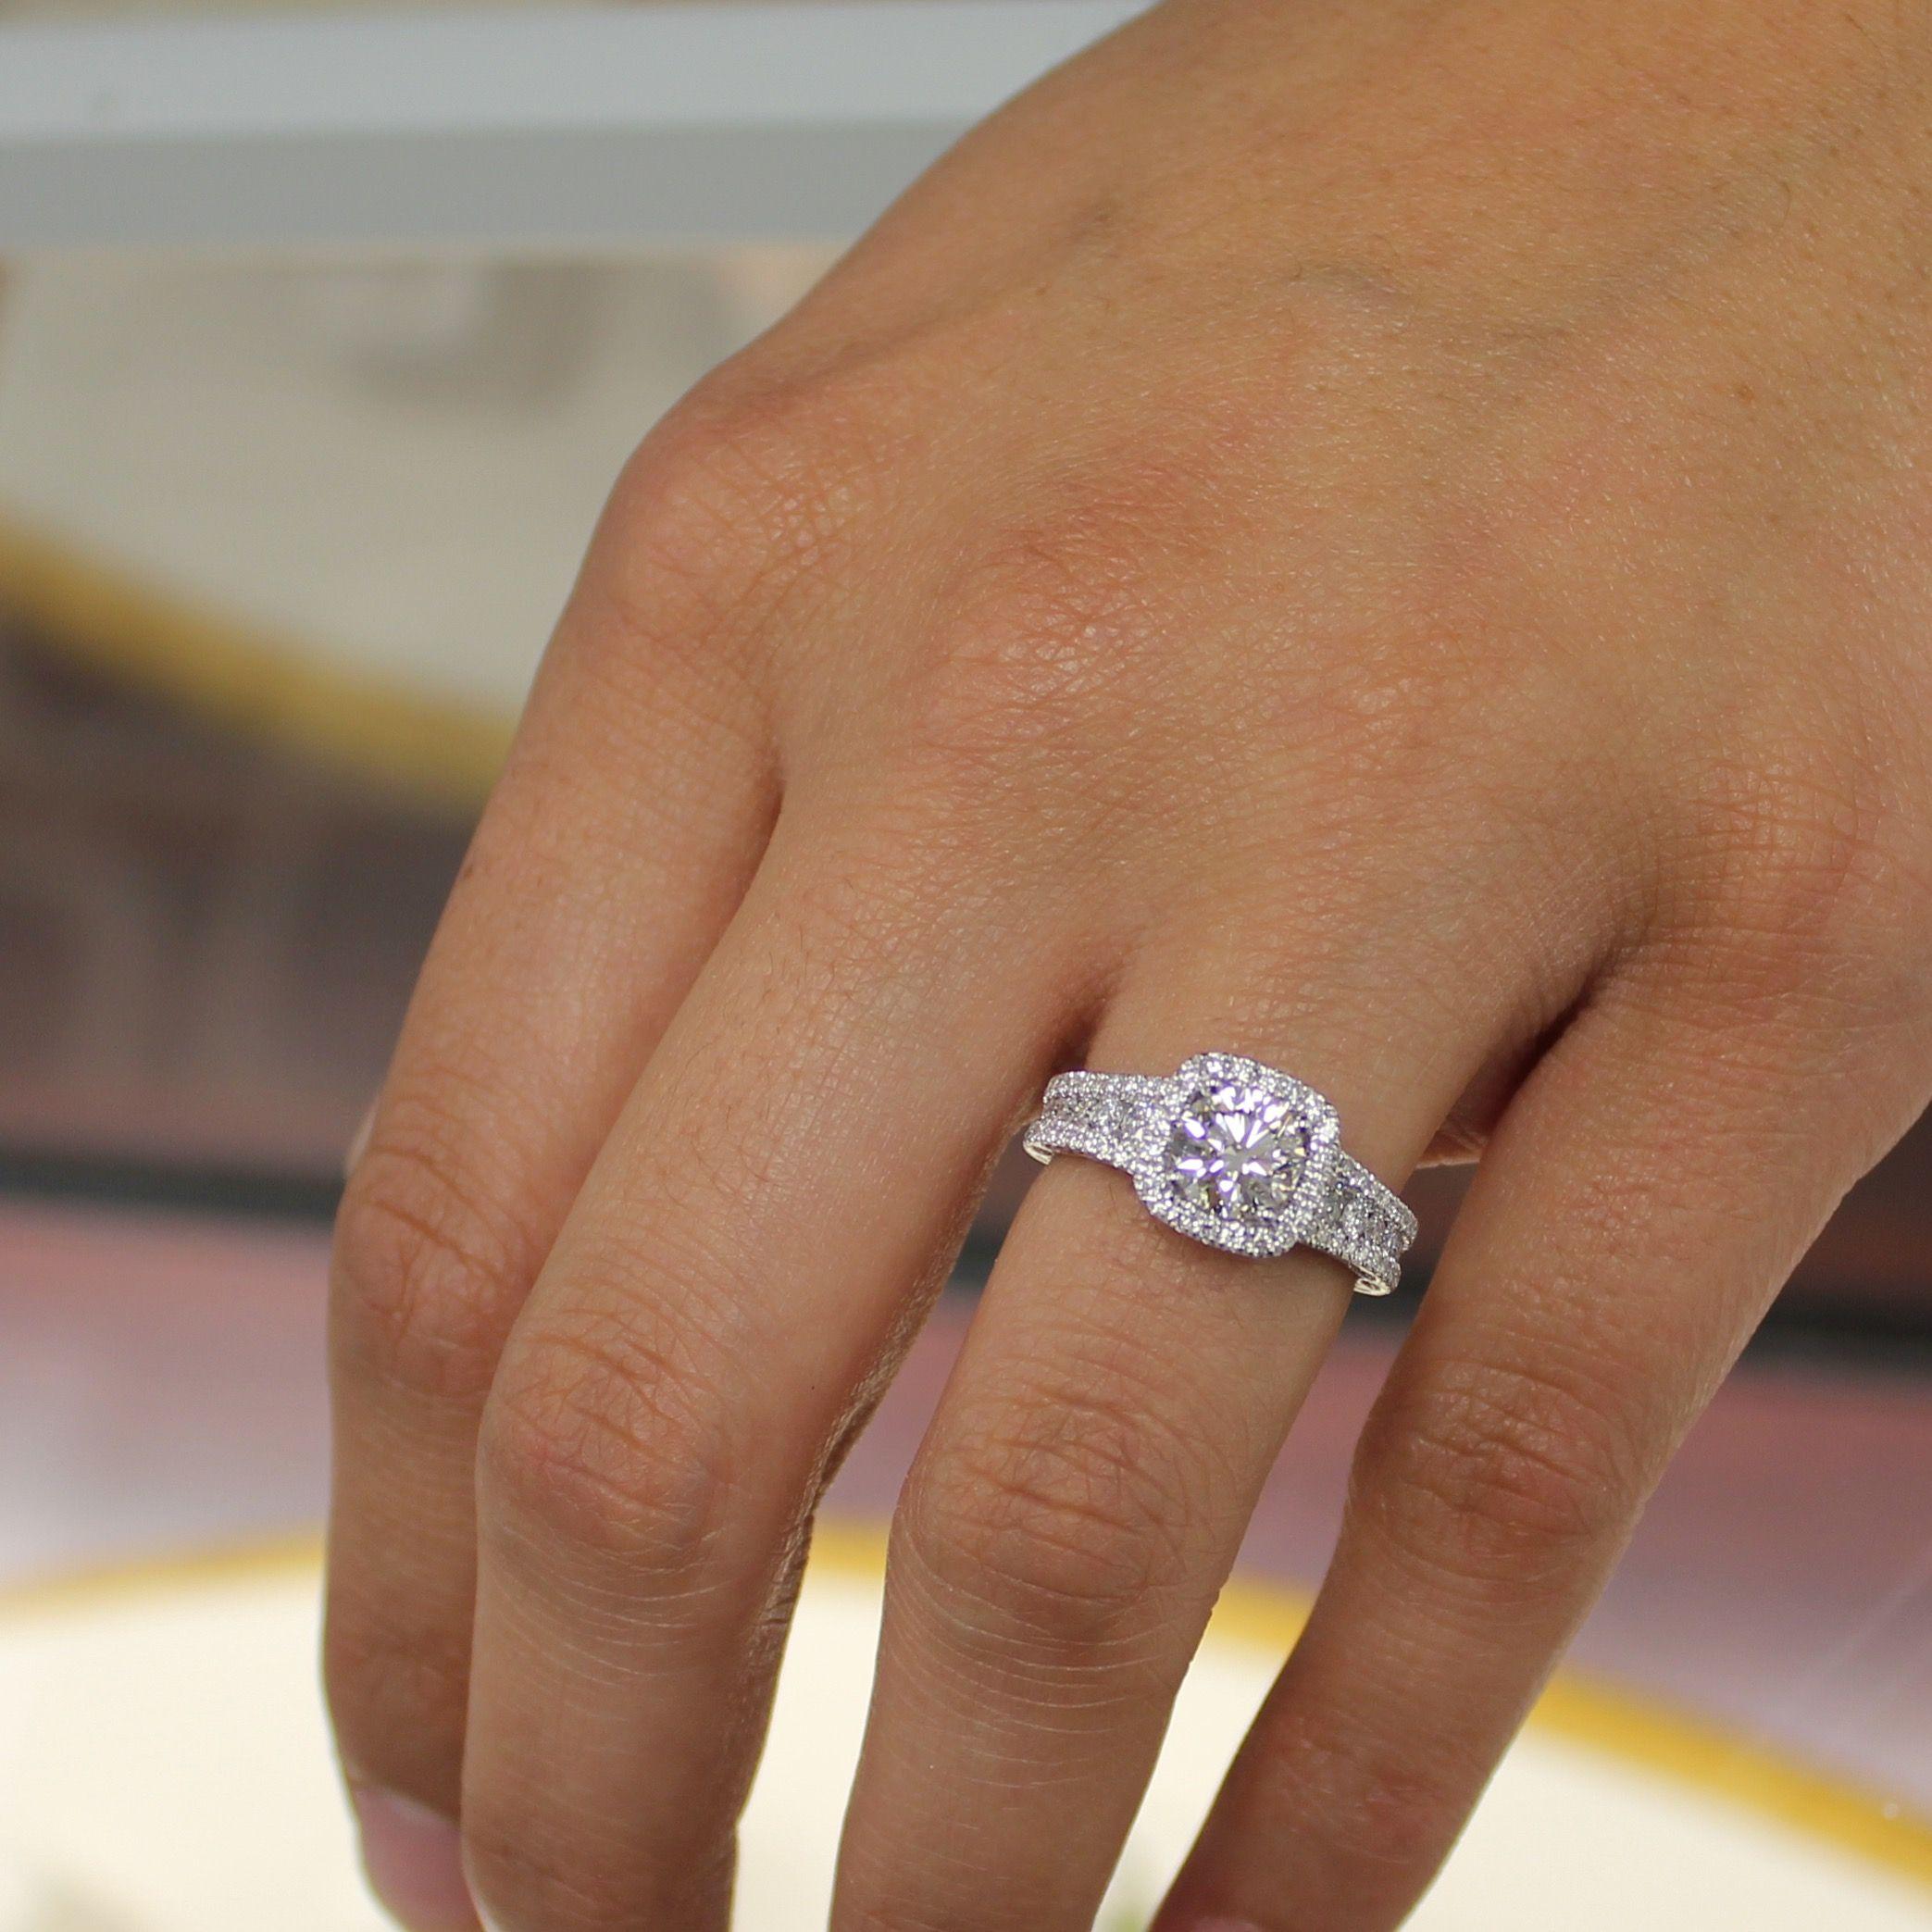 Bague Fiancaille Femme Swarovski : Bague en or carat style entourage avec diamant diamond